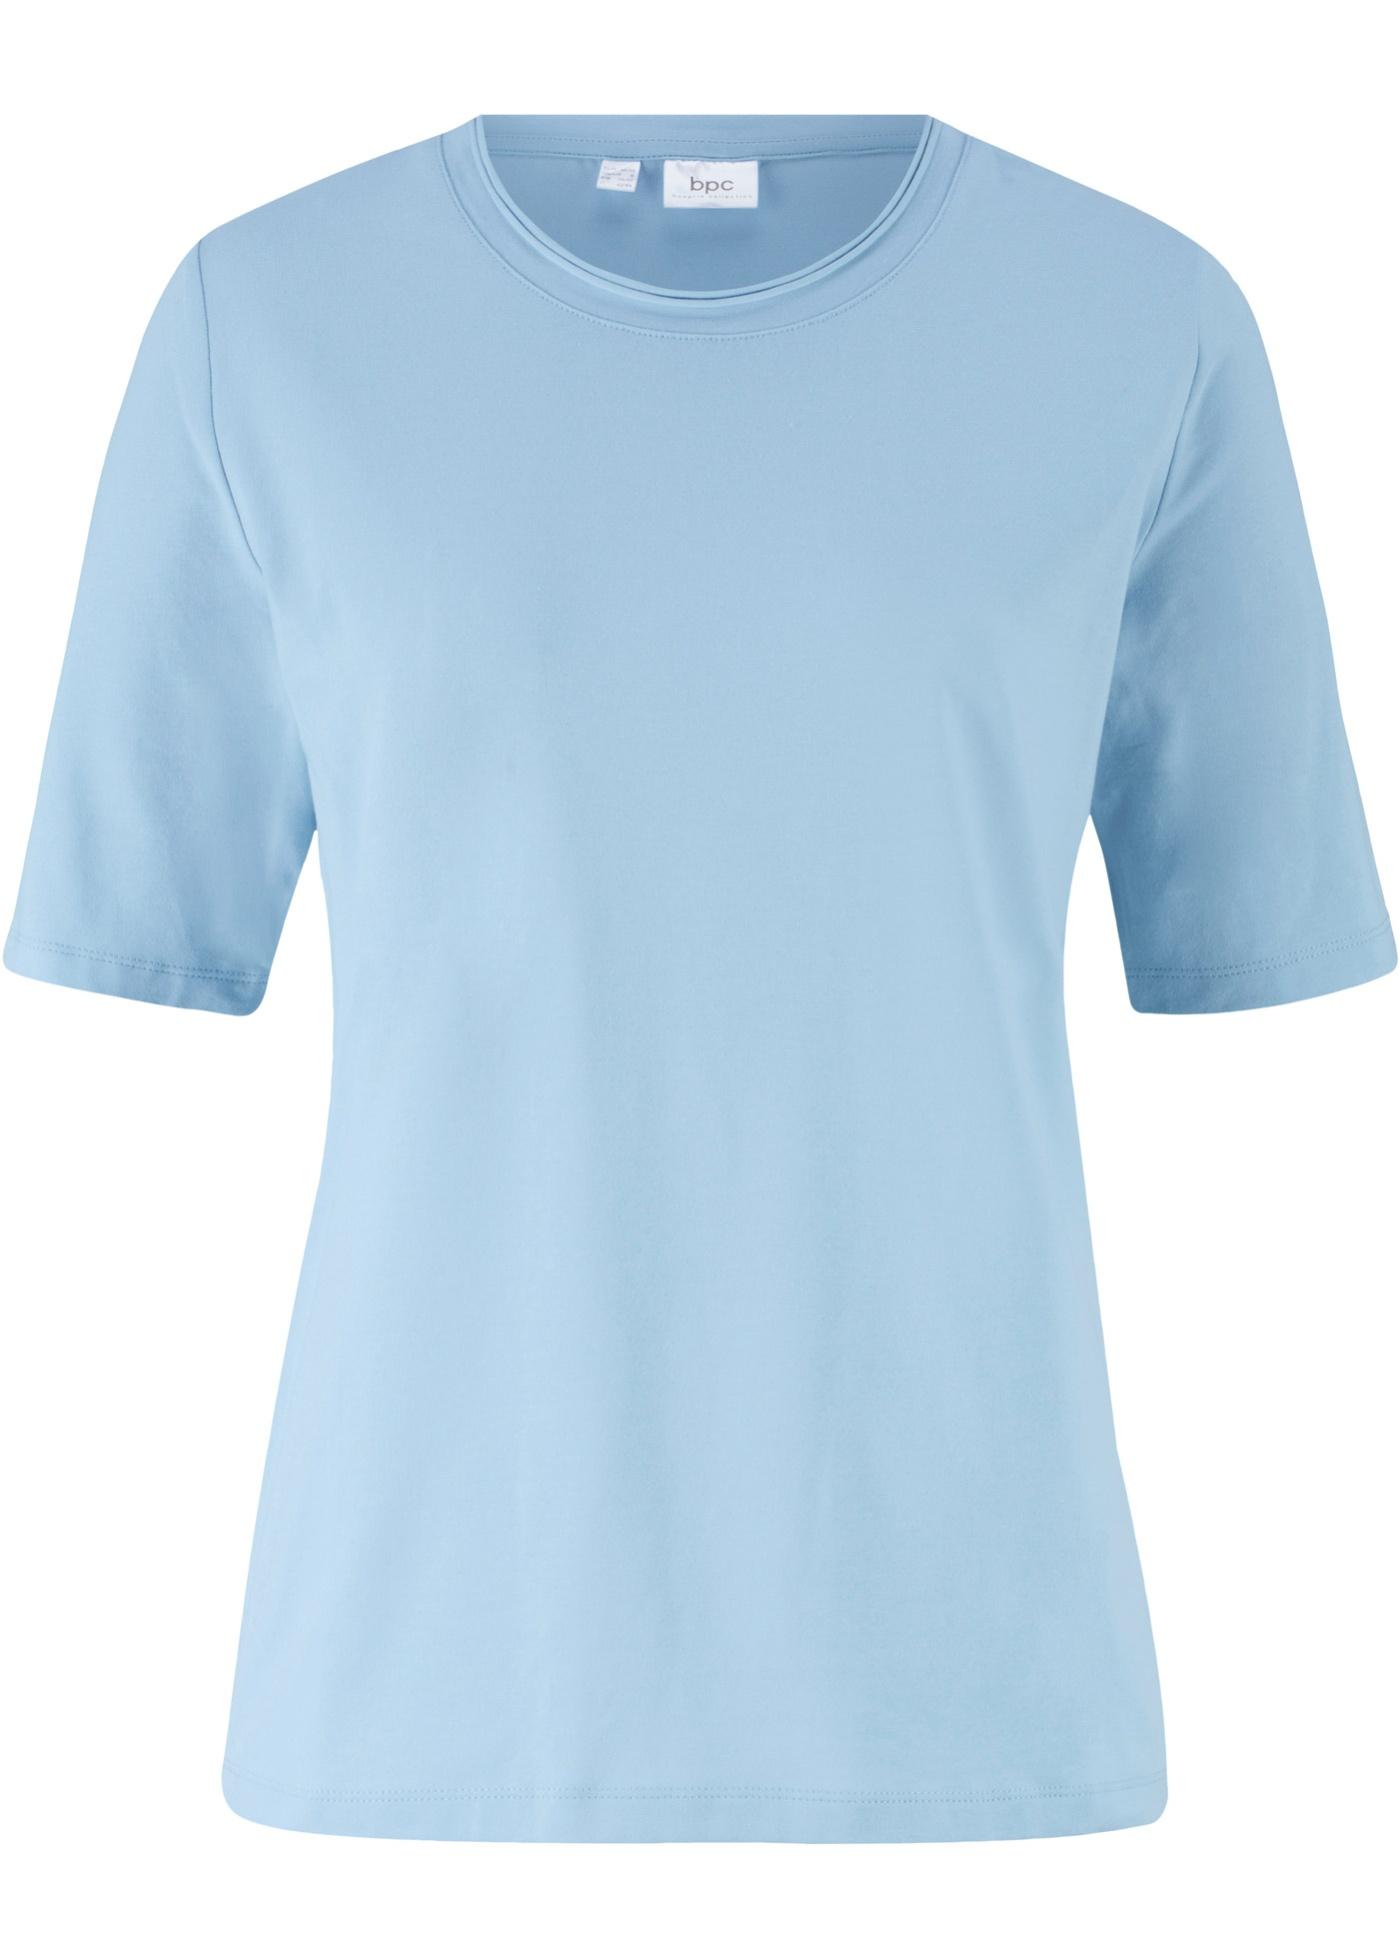 shirt Violet Bpc Bonprix Pour manches Demi CollectionT Femme TuOwkilPXZ